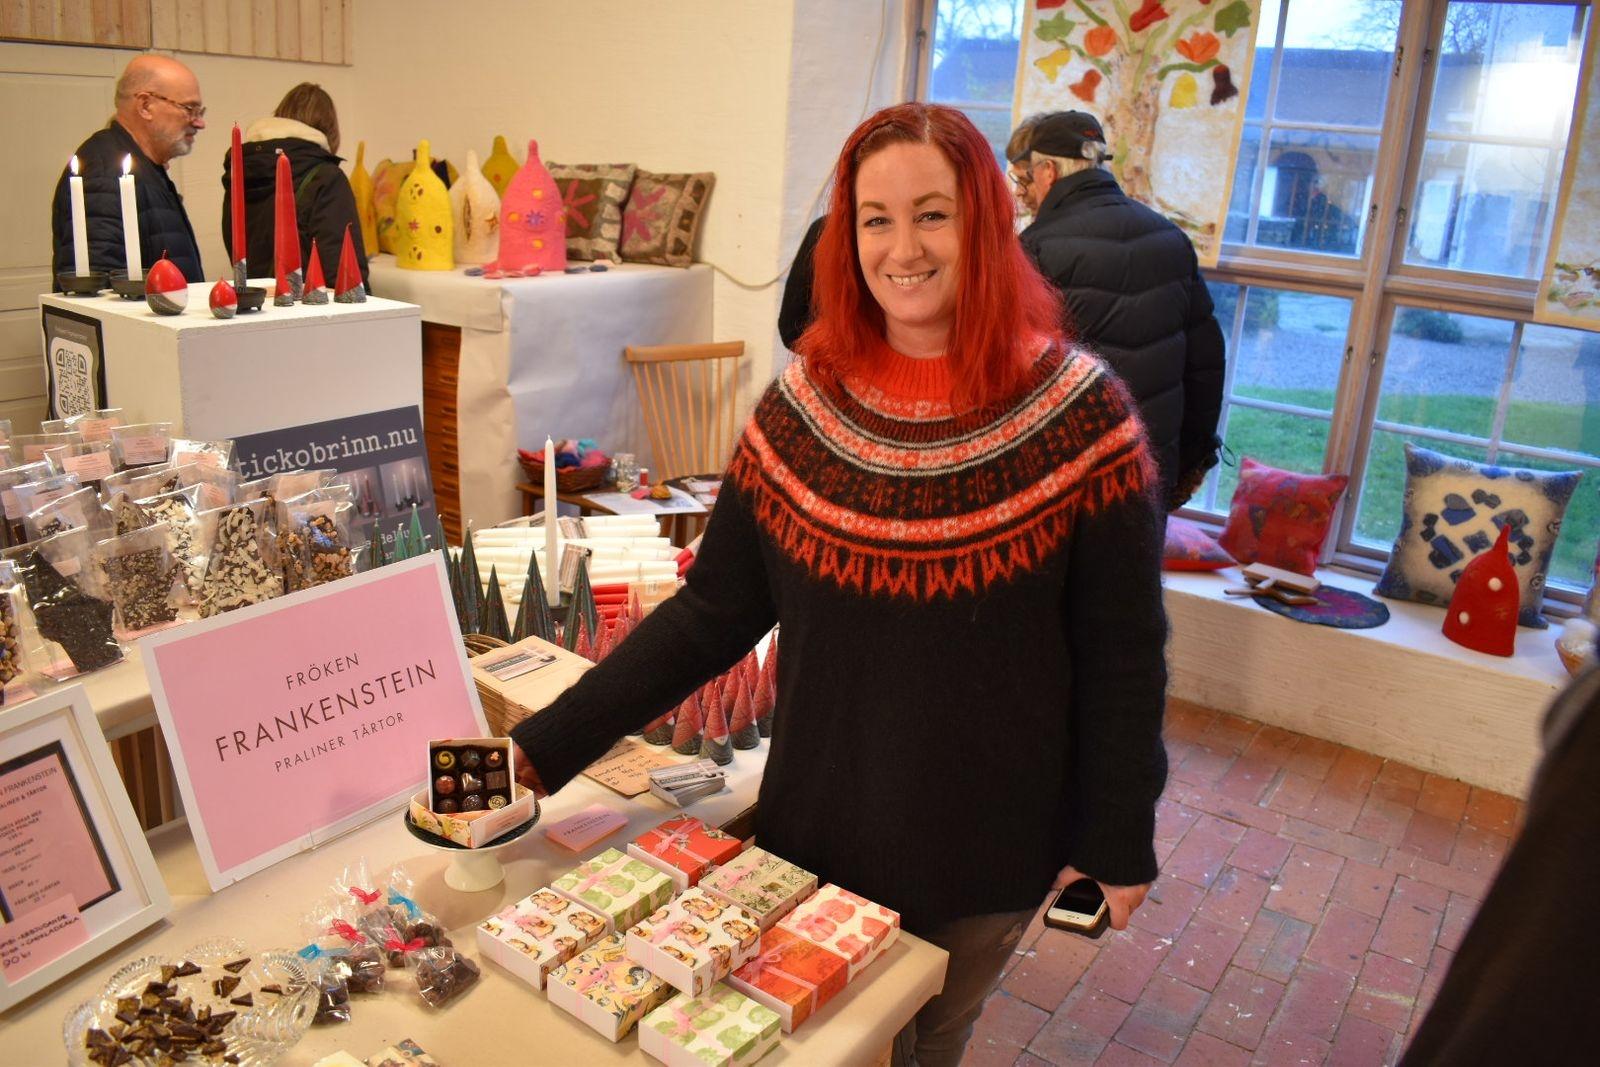 Ebba Frankenstein som idag sålde läcker choklad på julmarknaden, är utbildad på choklad och dessertutbildningen i Schweiz, nu driver hon egen chokladtillverkning i Gårdby på Öland.